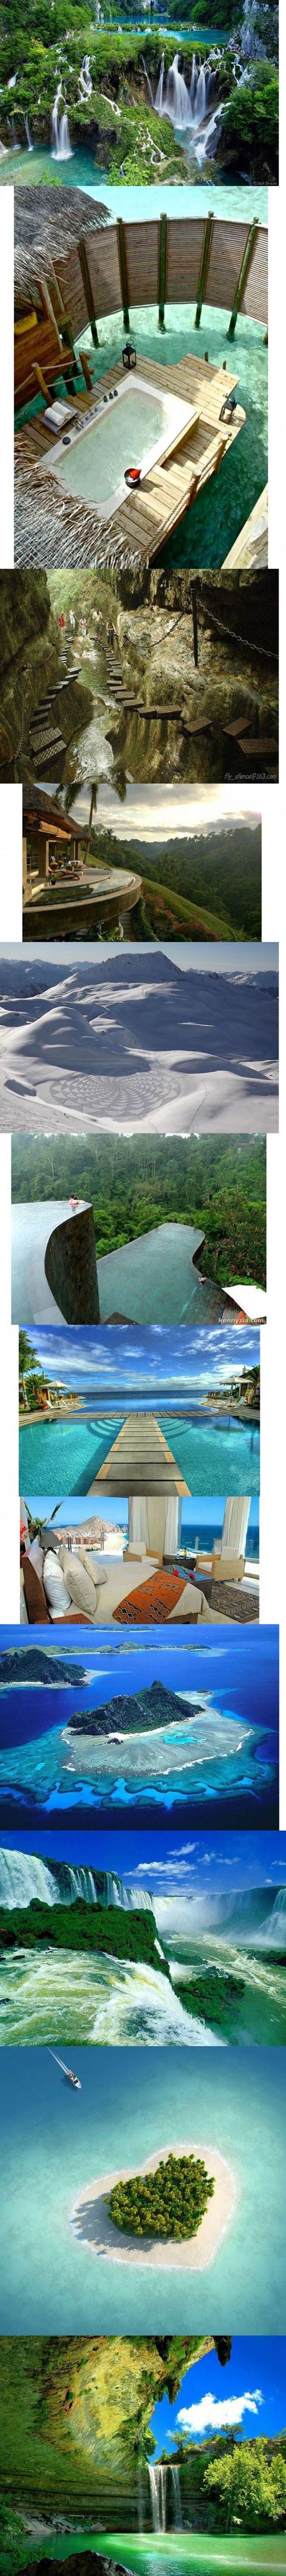 Amazing paradise places